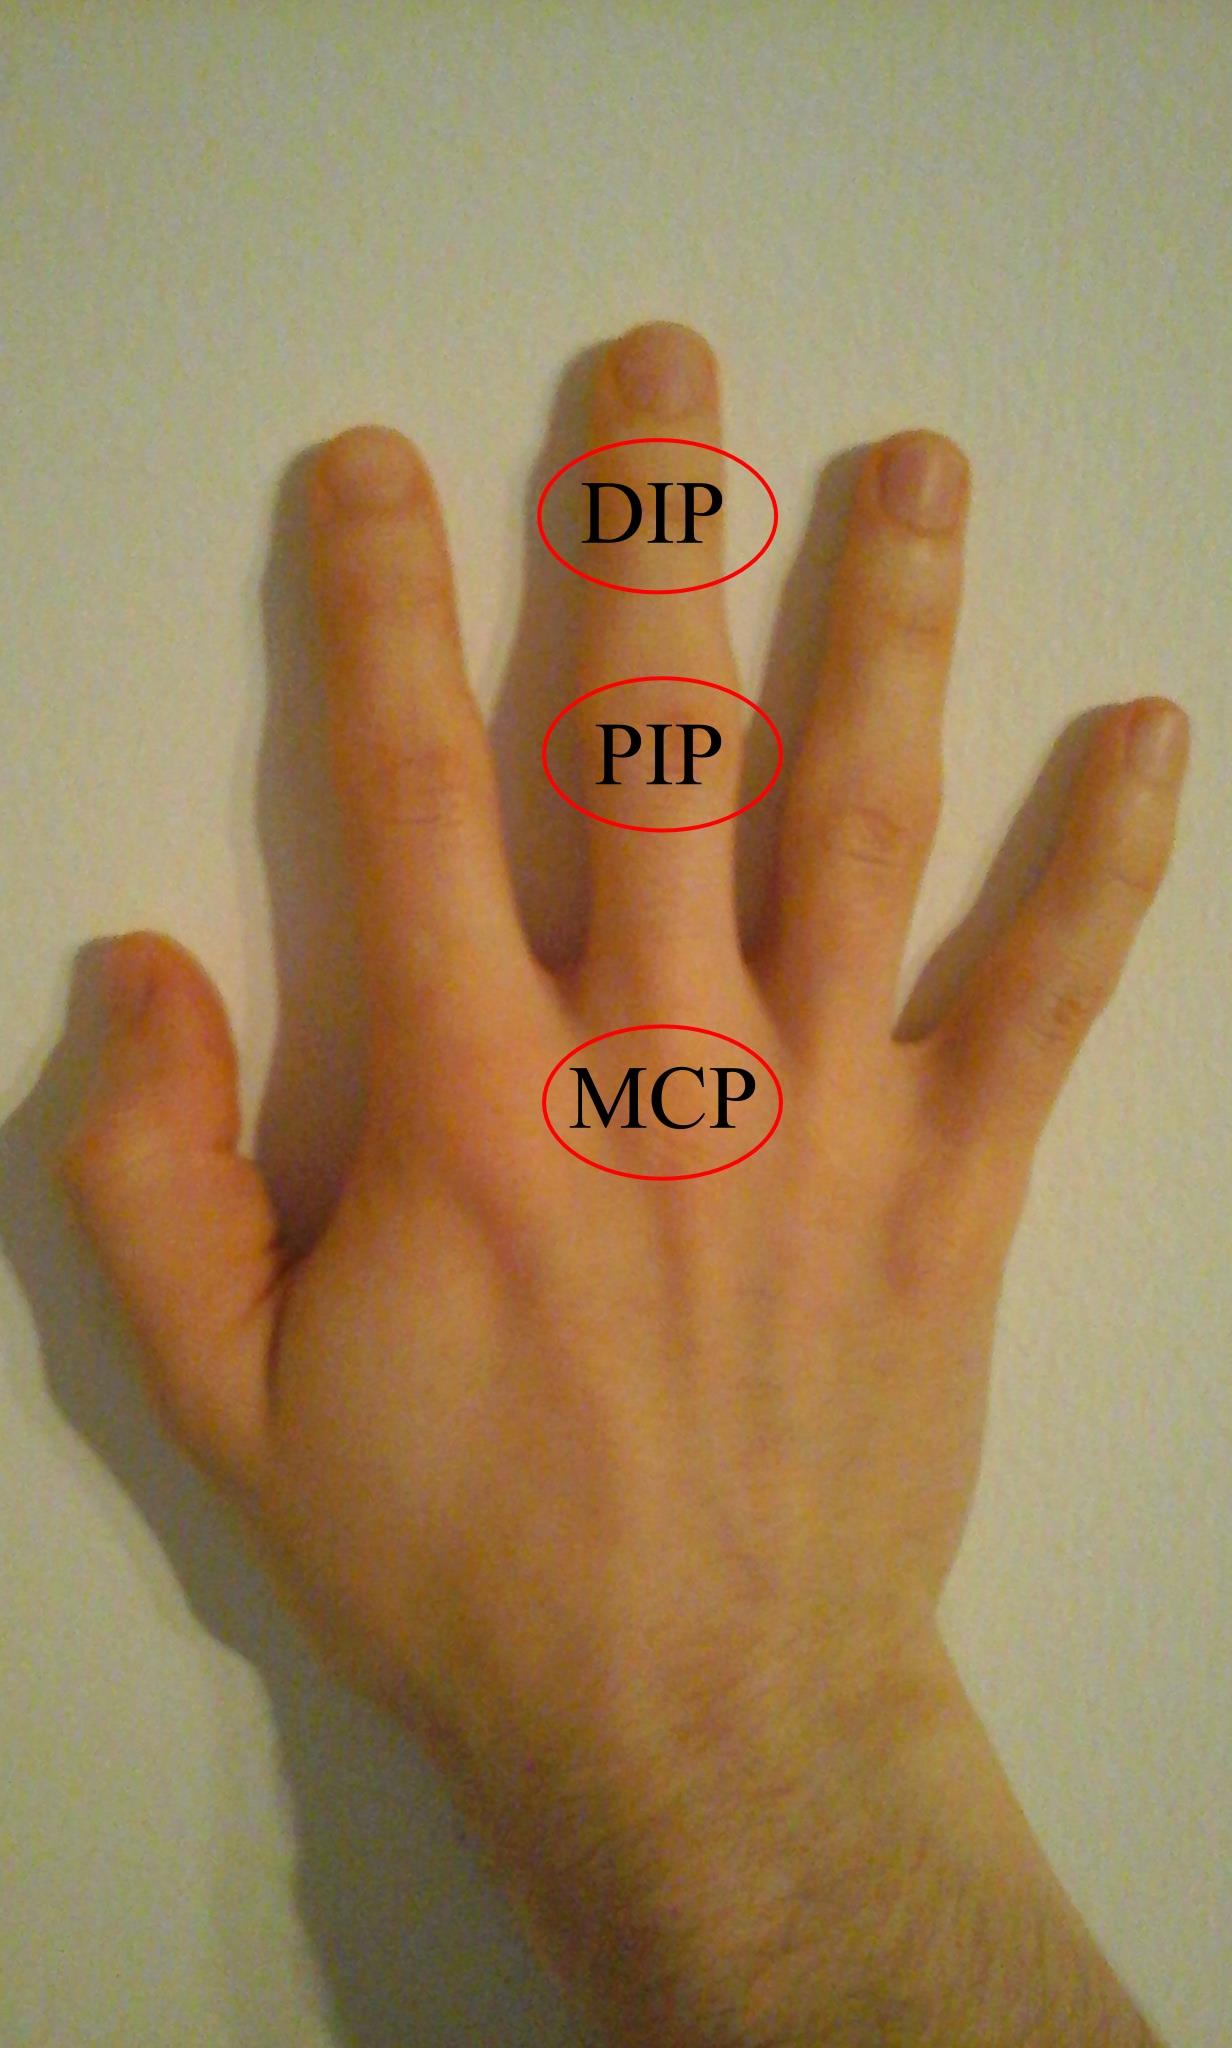 a kéz ízületeinek deformáló ízületi kezelése ízületi kezelés trauma artrózis után